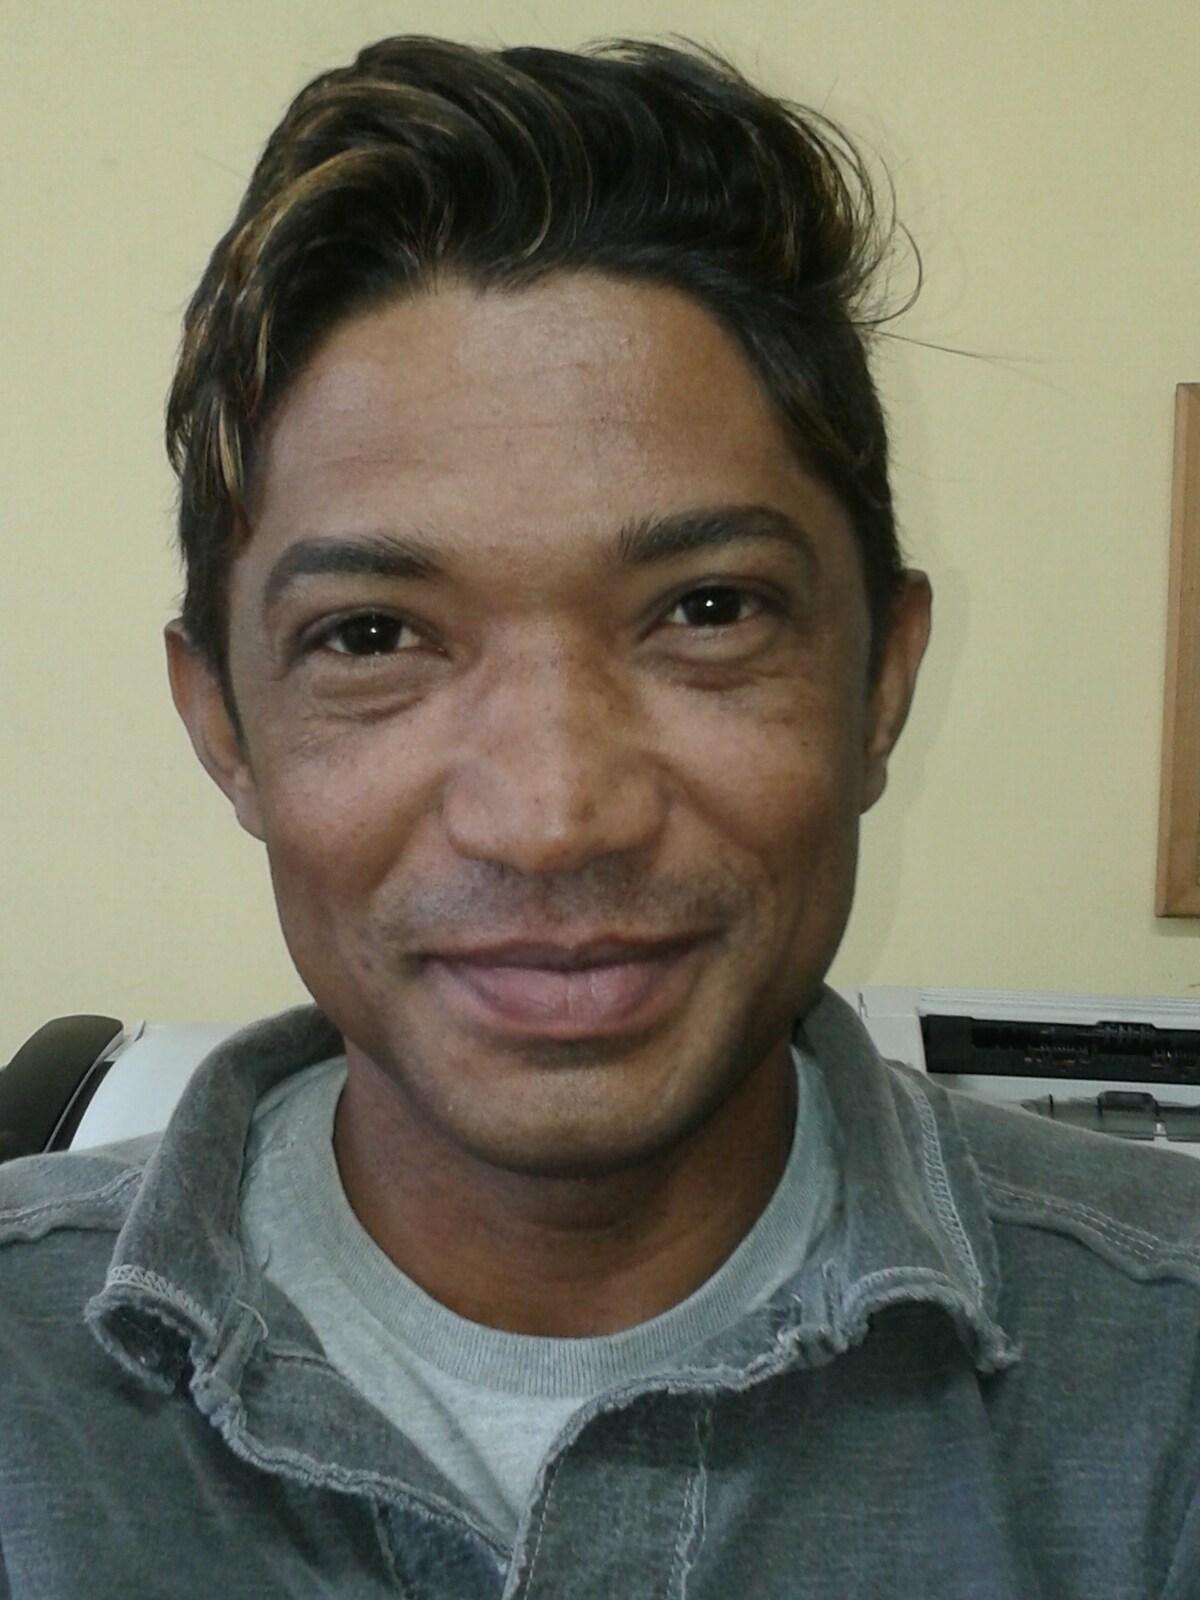 Francisco from Rio de Janeiro